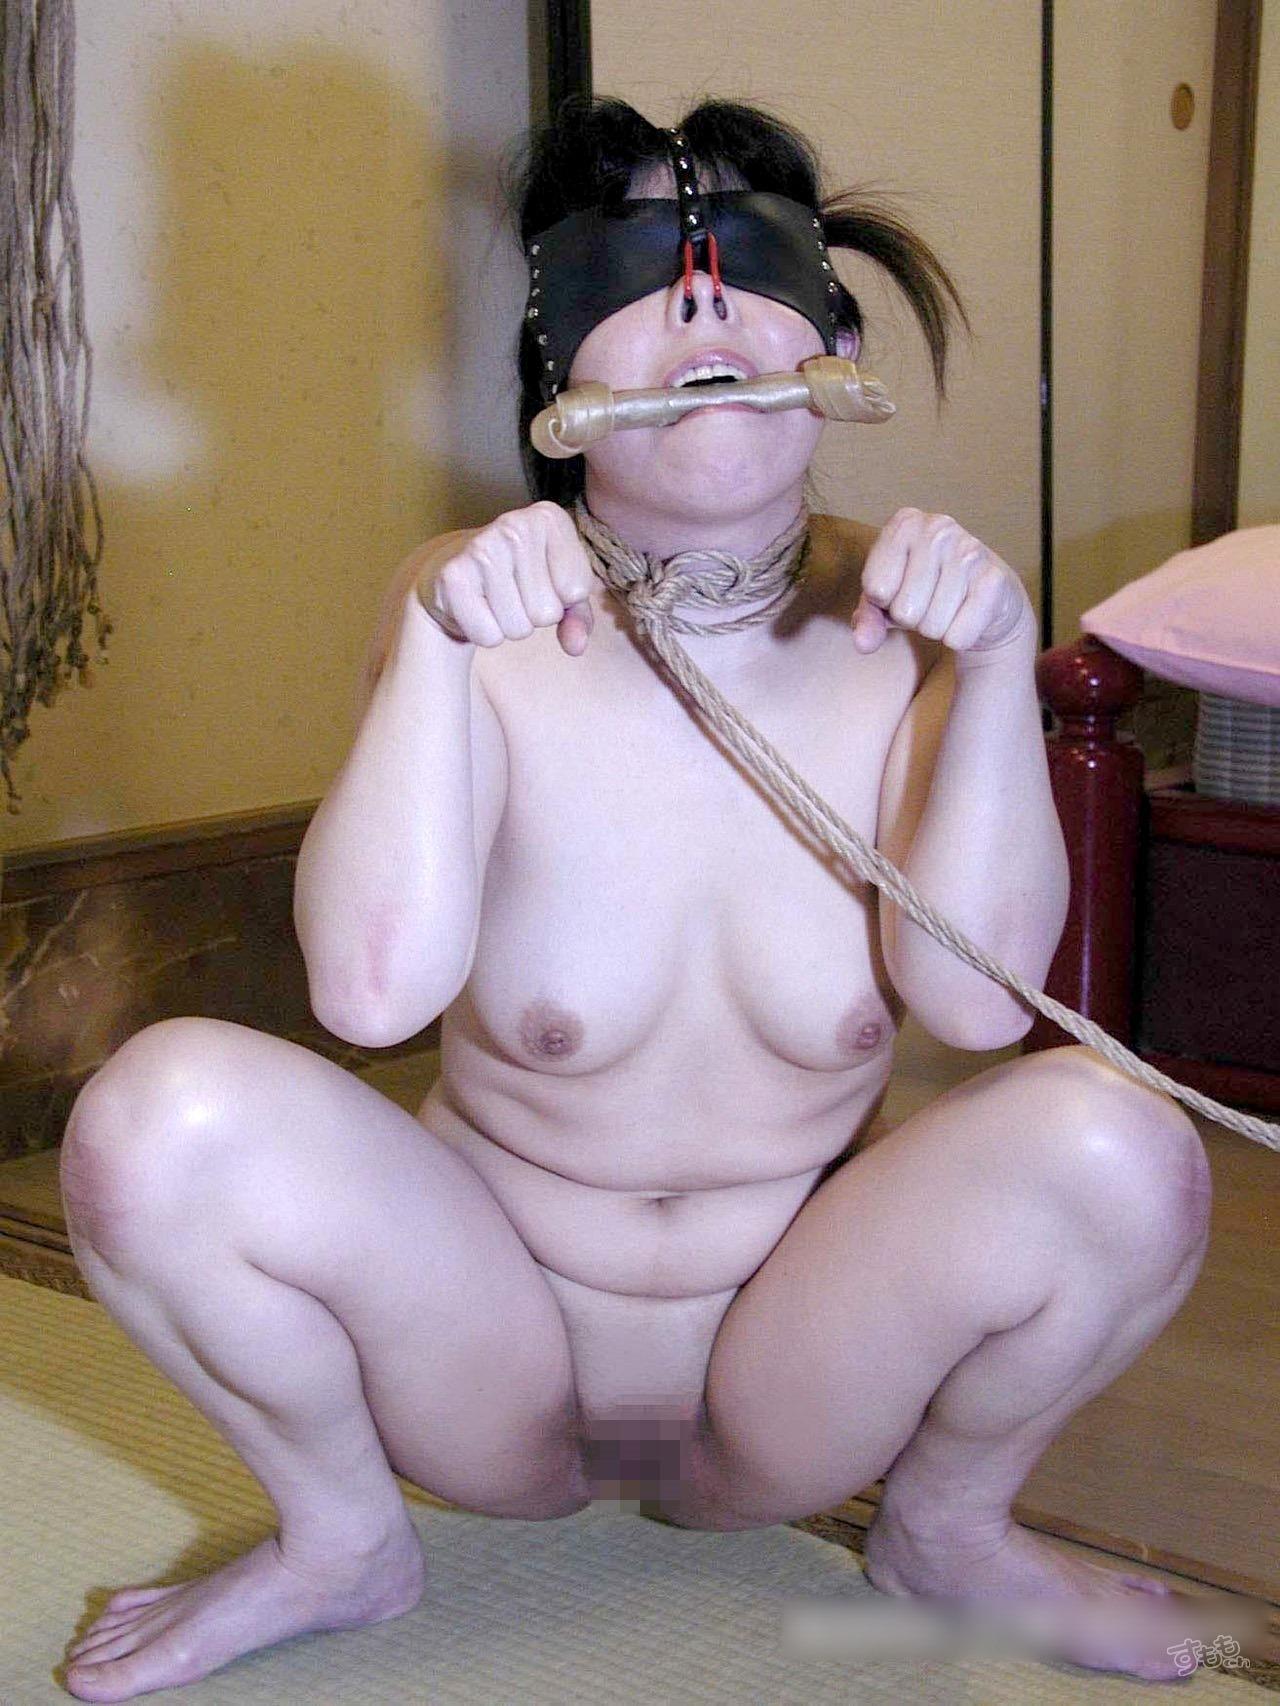 nose_hook_5339-024